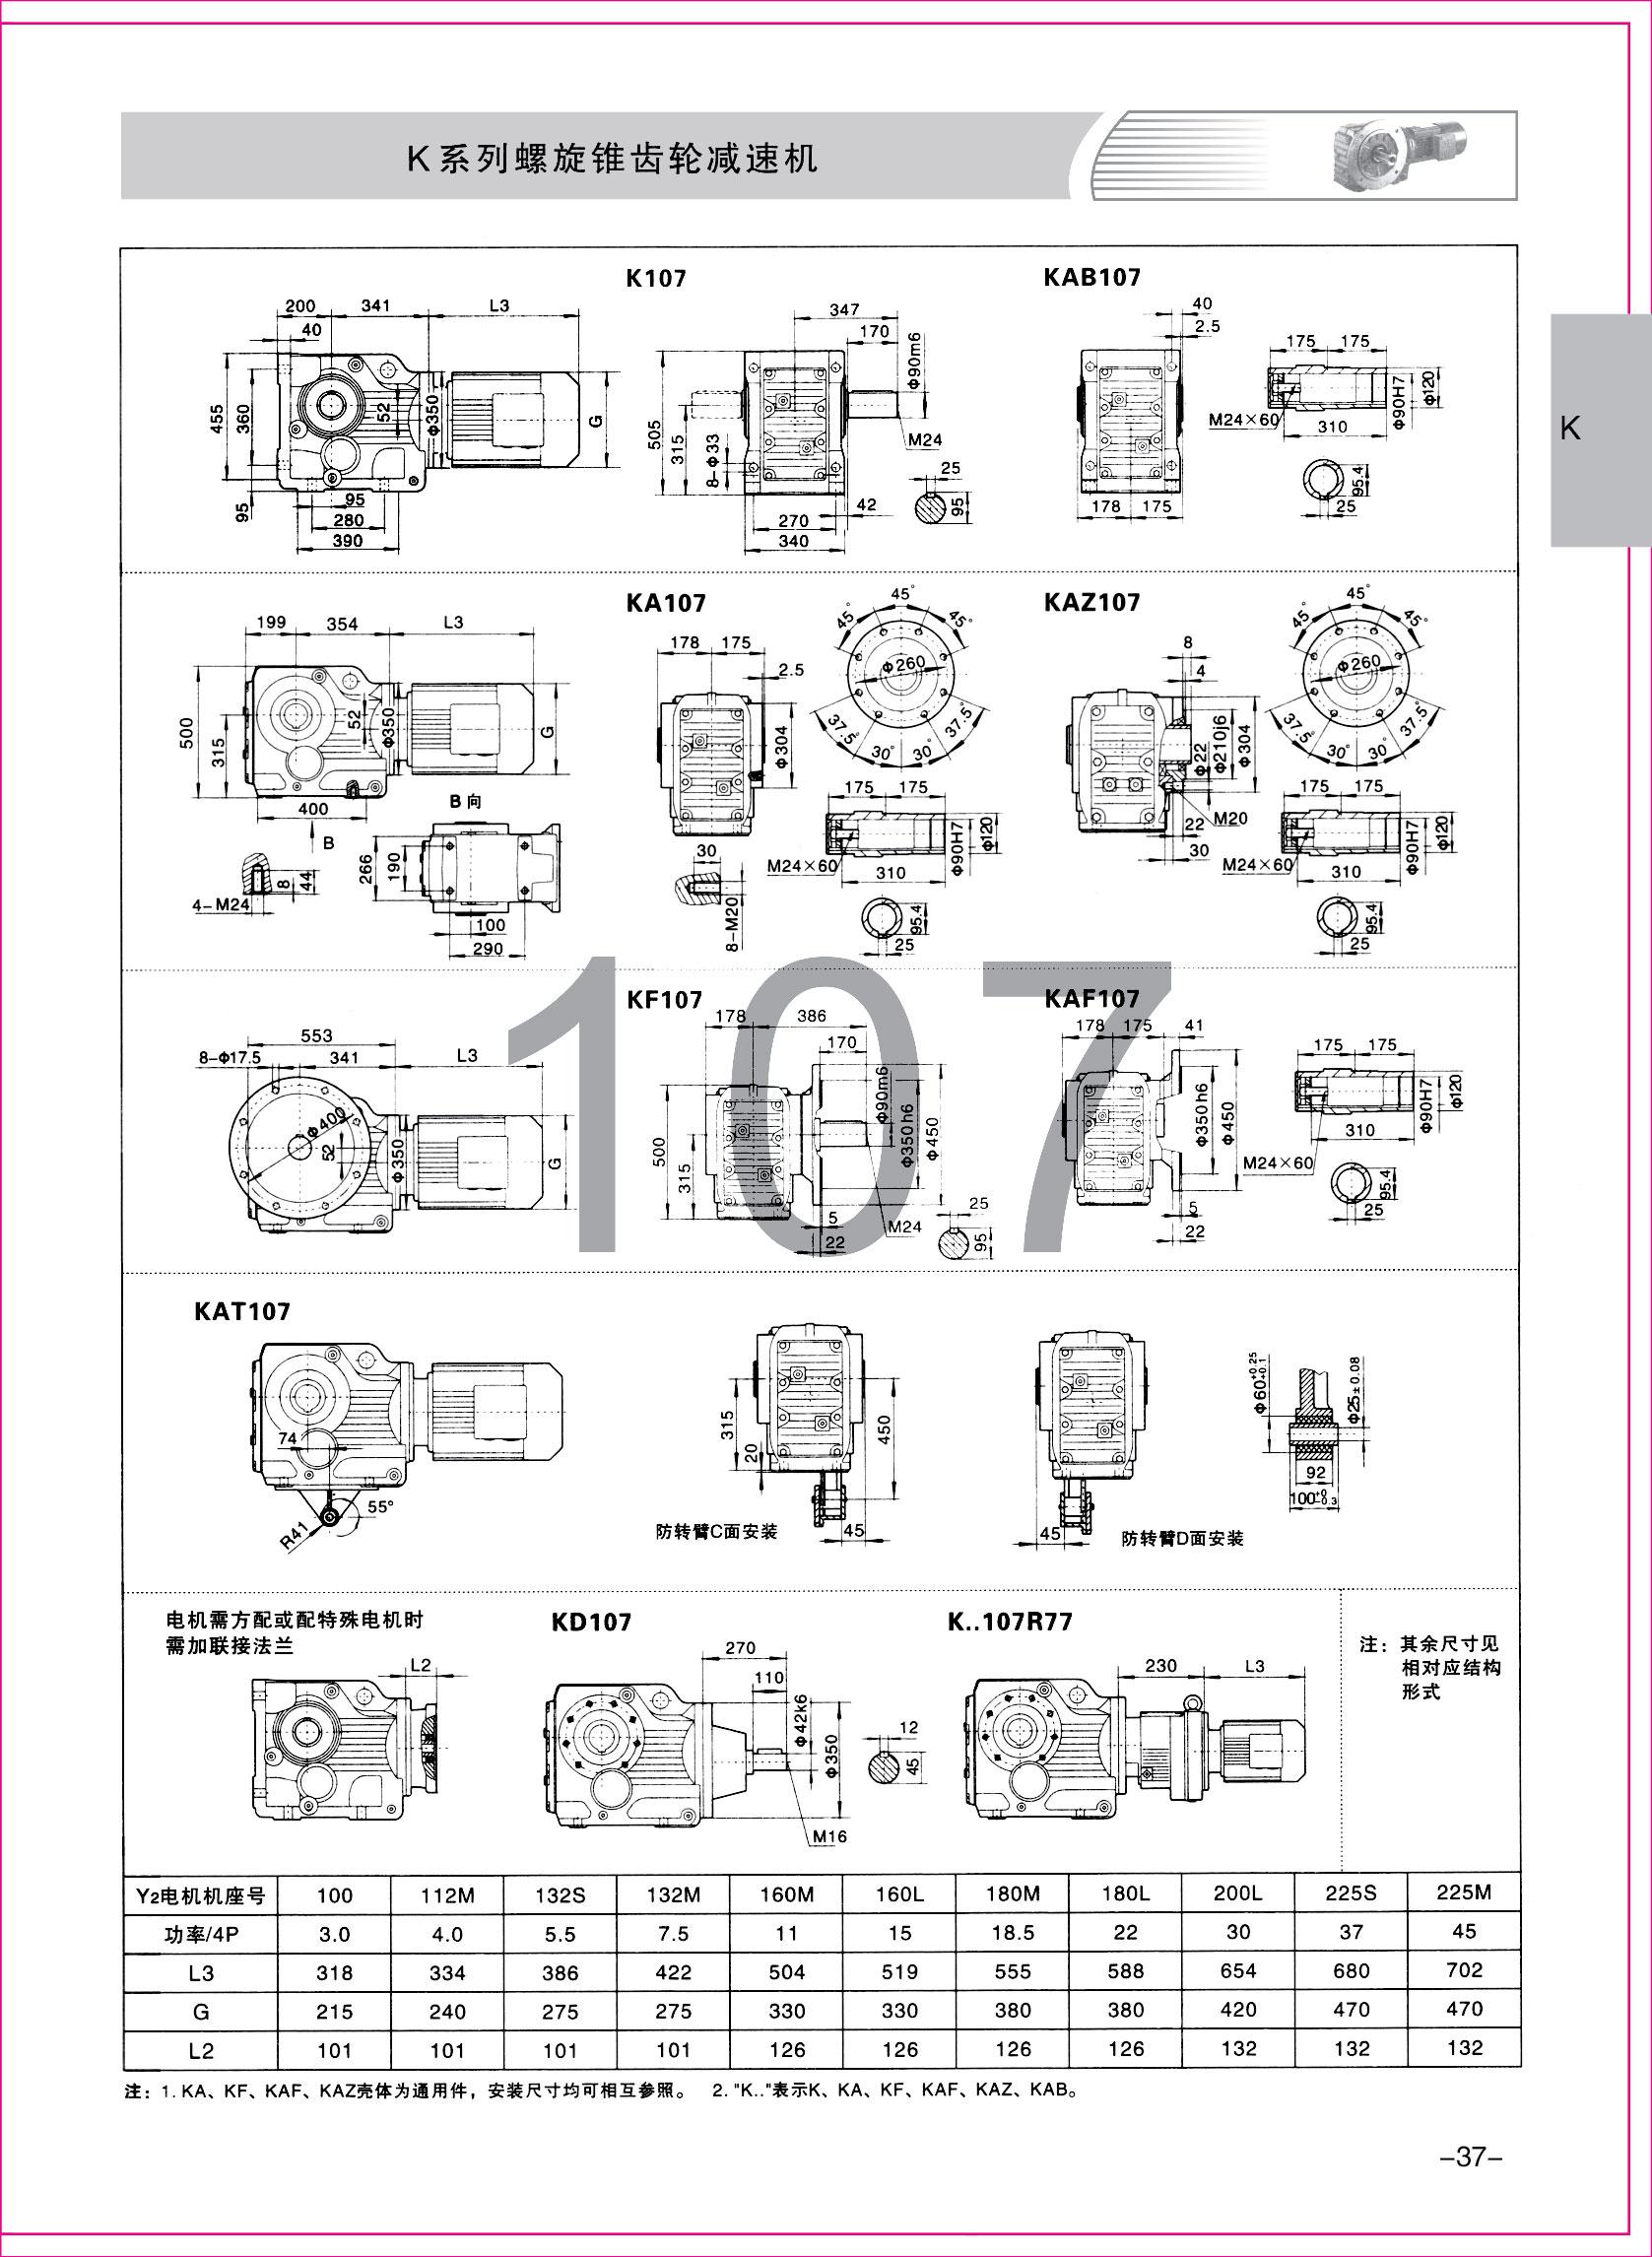 齿轮减速机样本1-1-37.jpg